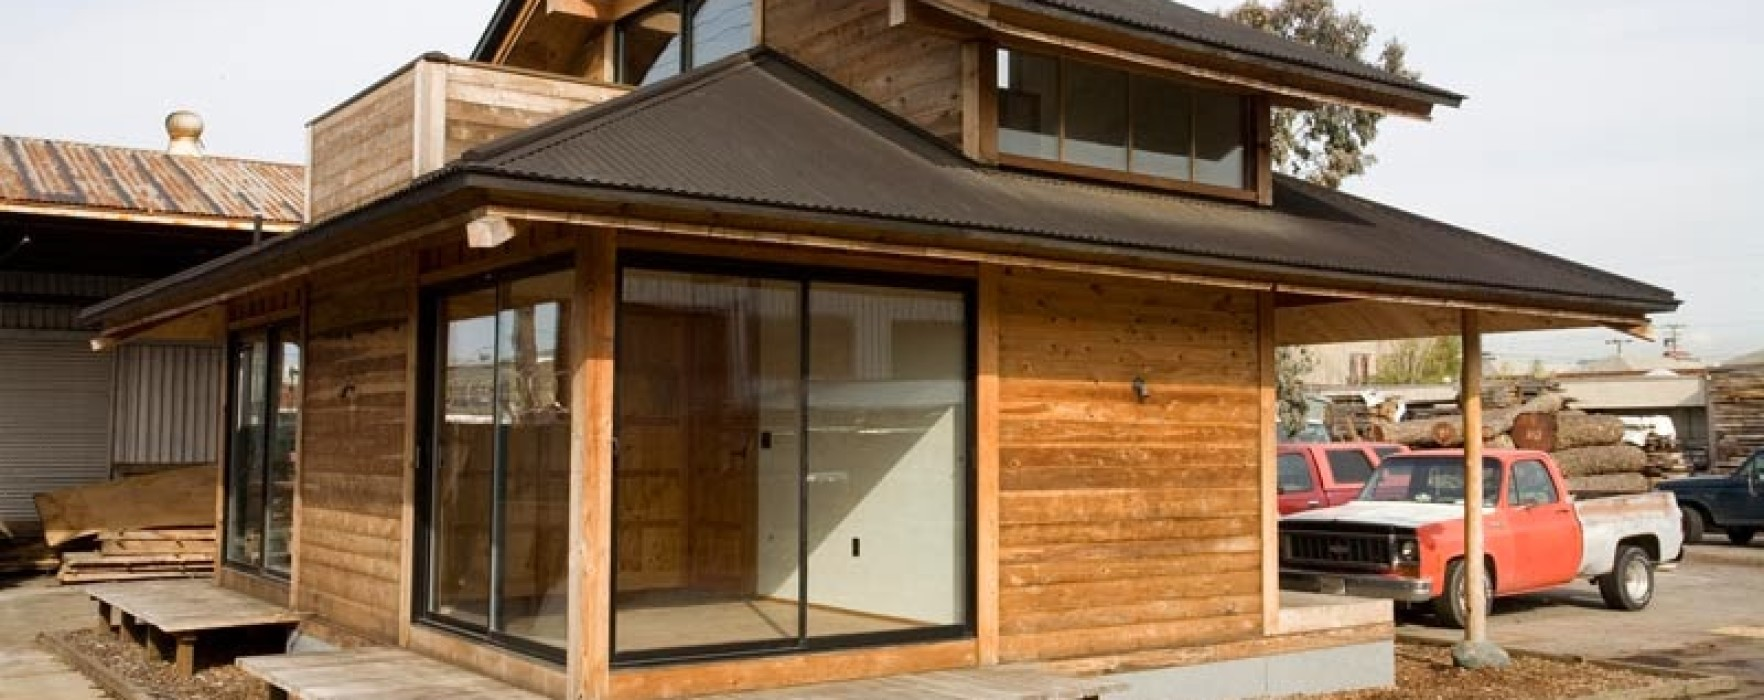 I costi di una sopraelevazione in legno - Casa in prefabbricato costo ...